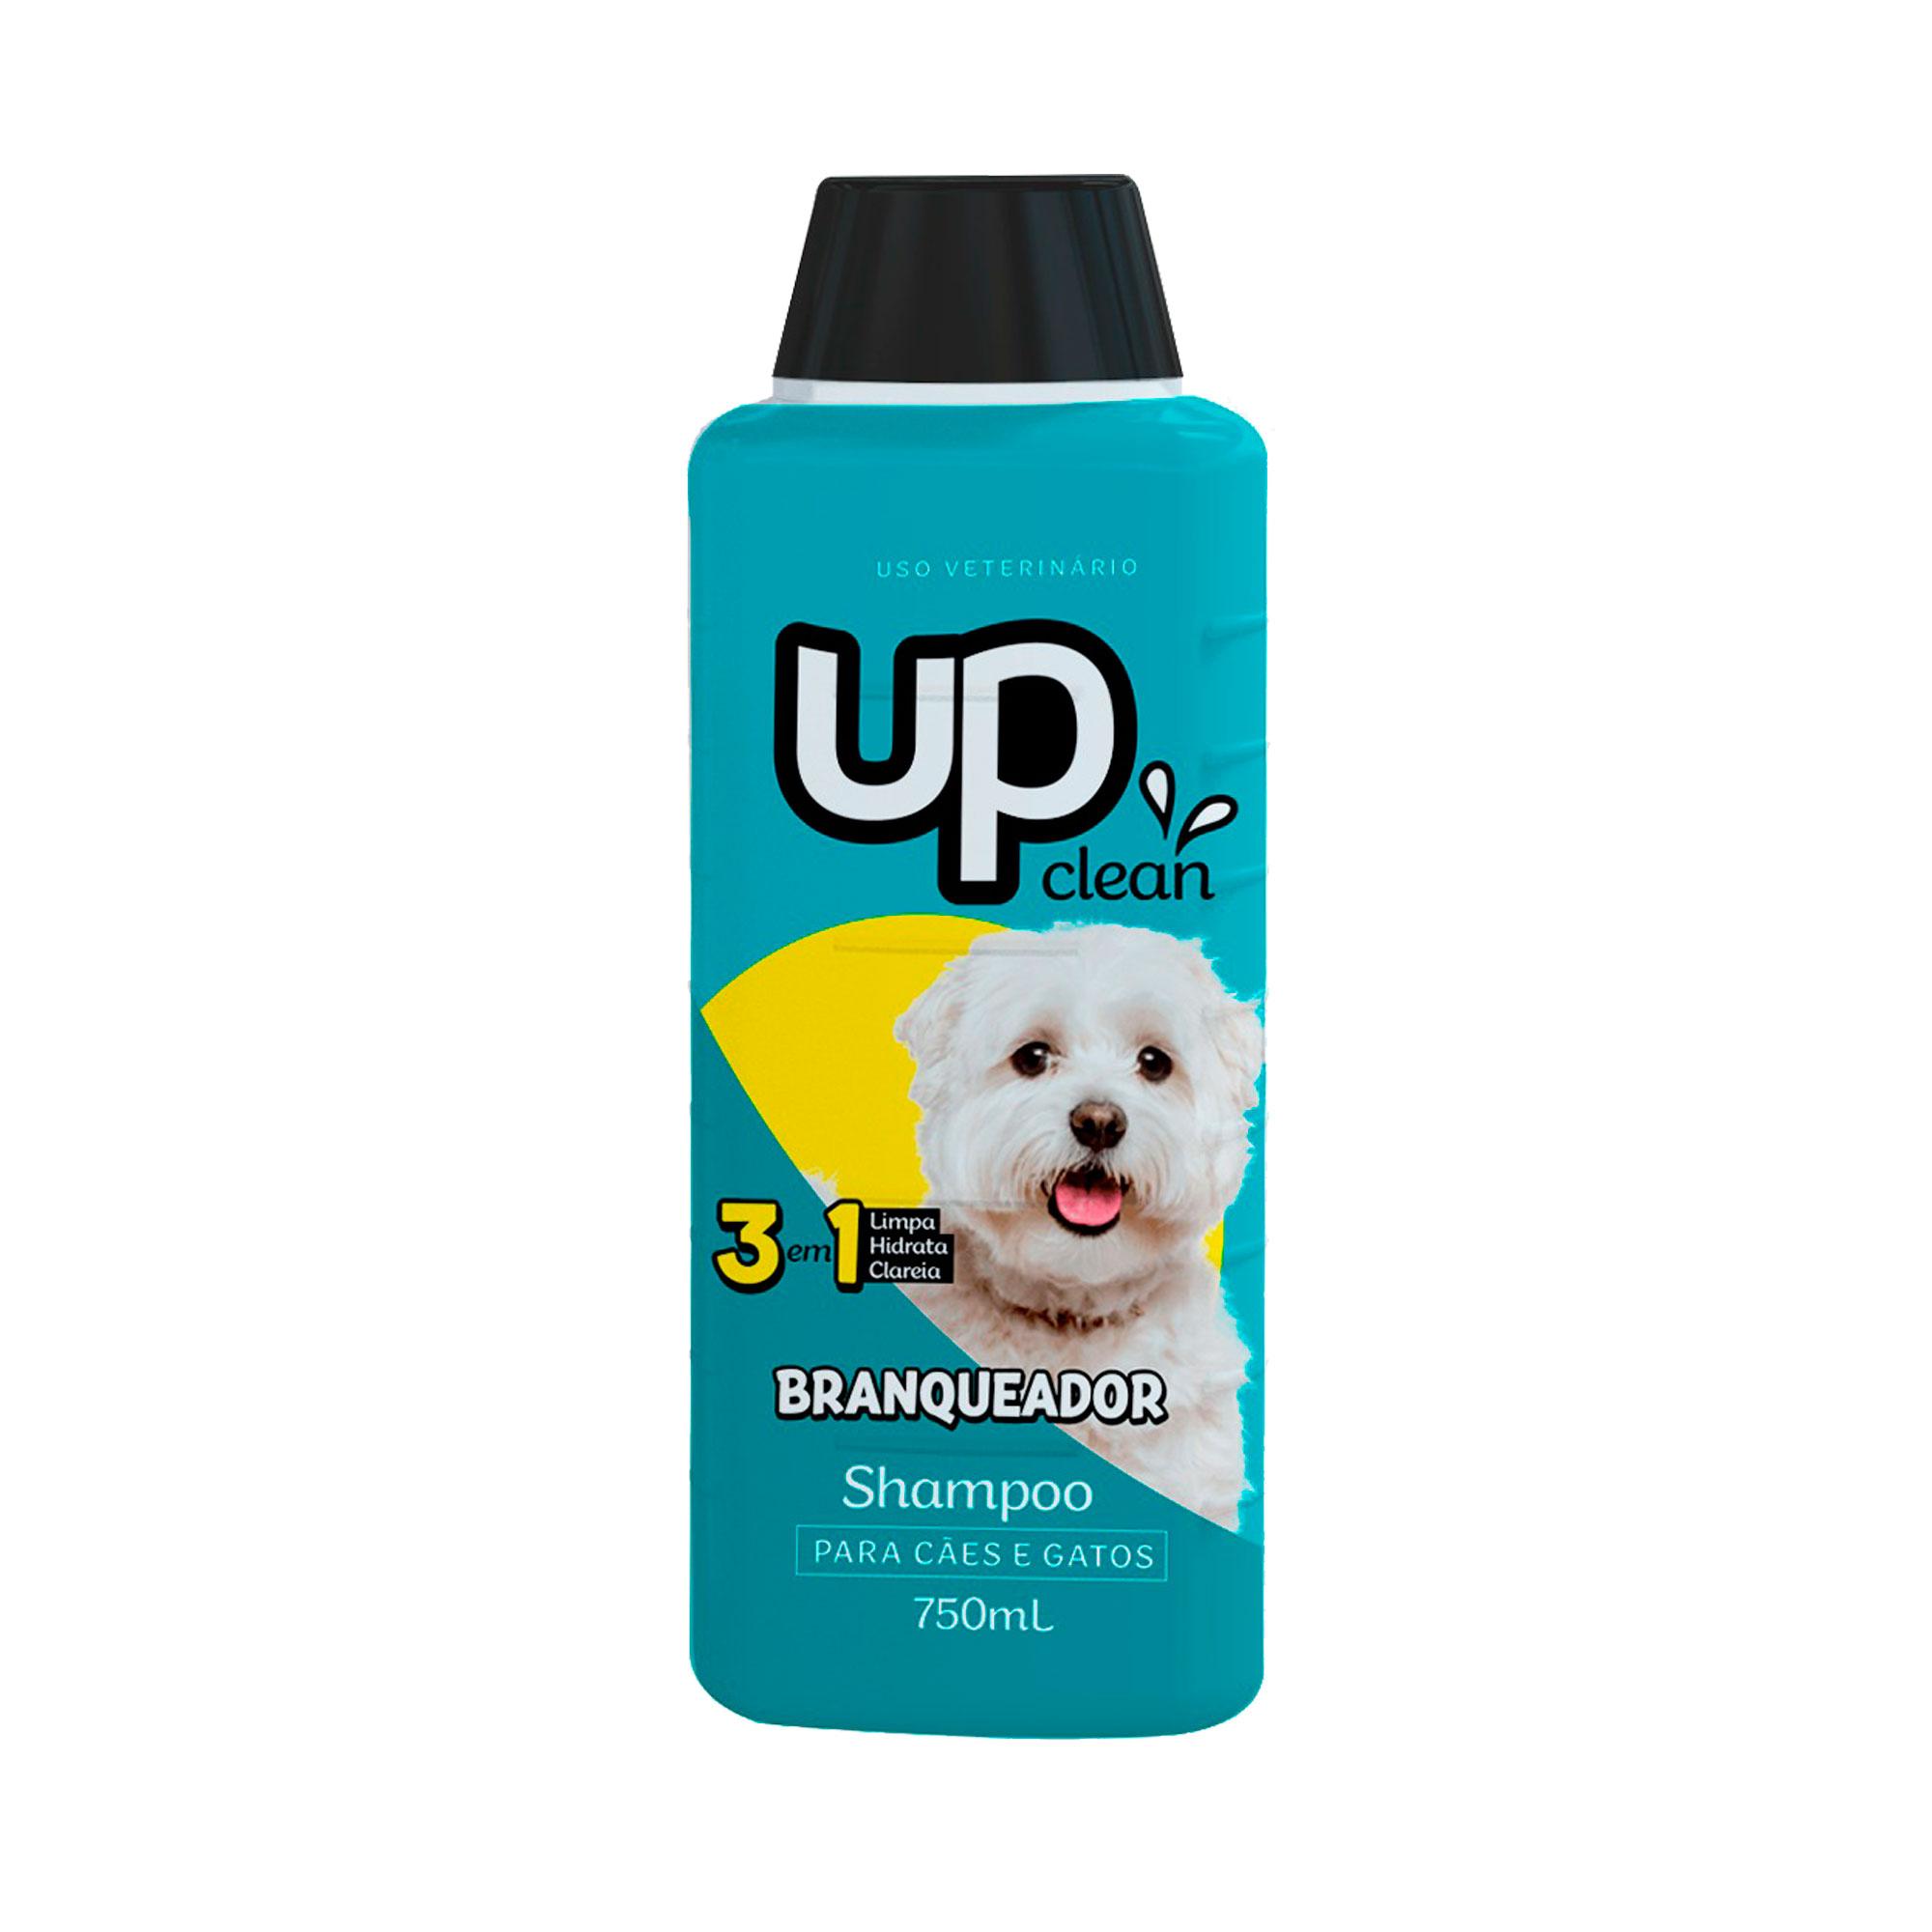 Shampoo Branqueador 750ml Up Clean